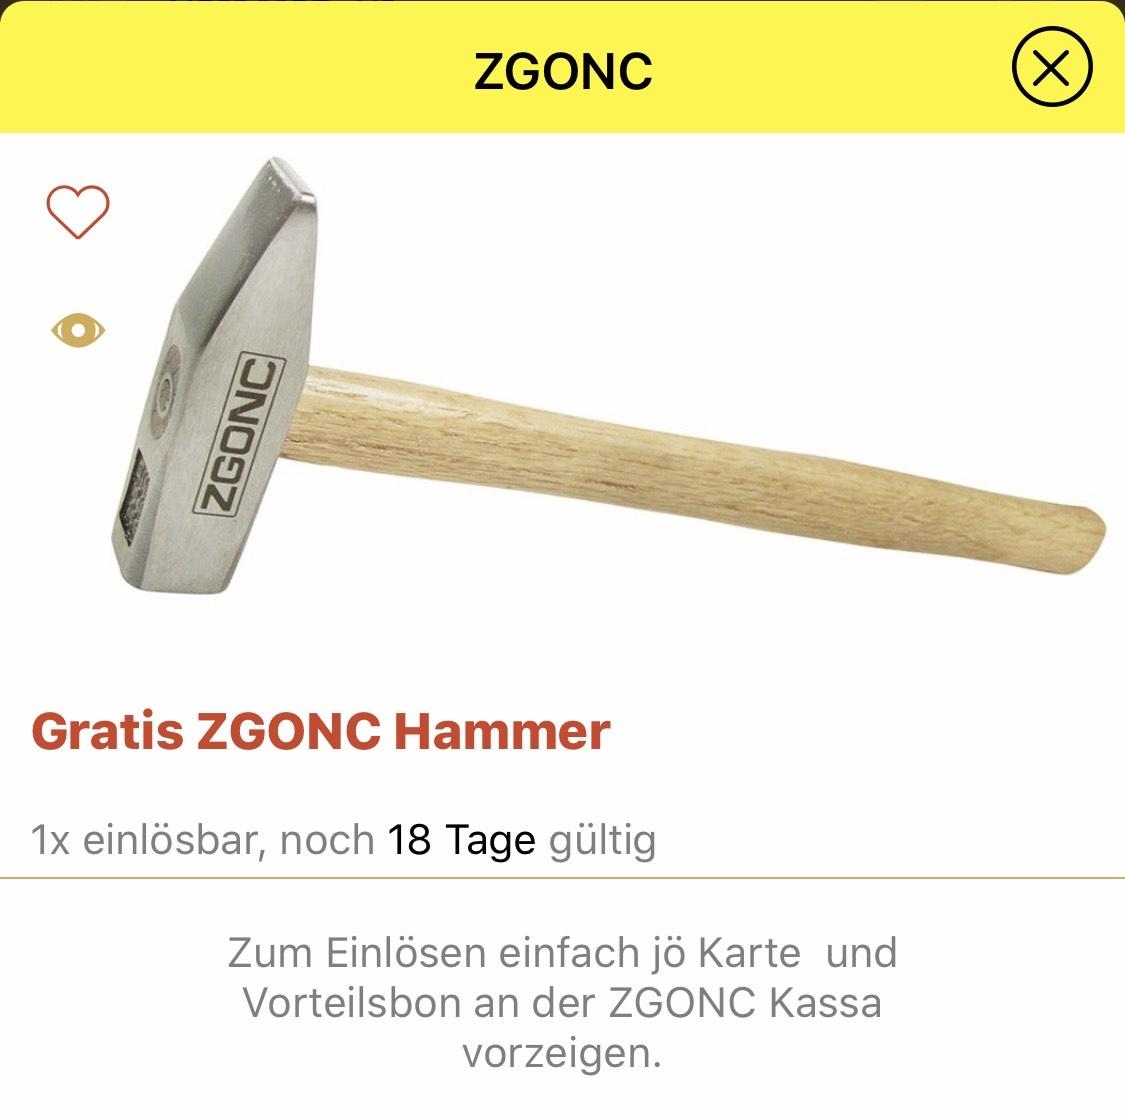 Gratis Hammer von Zgonc mit der Jö Karte + App